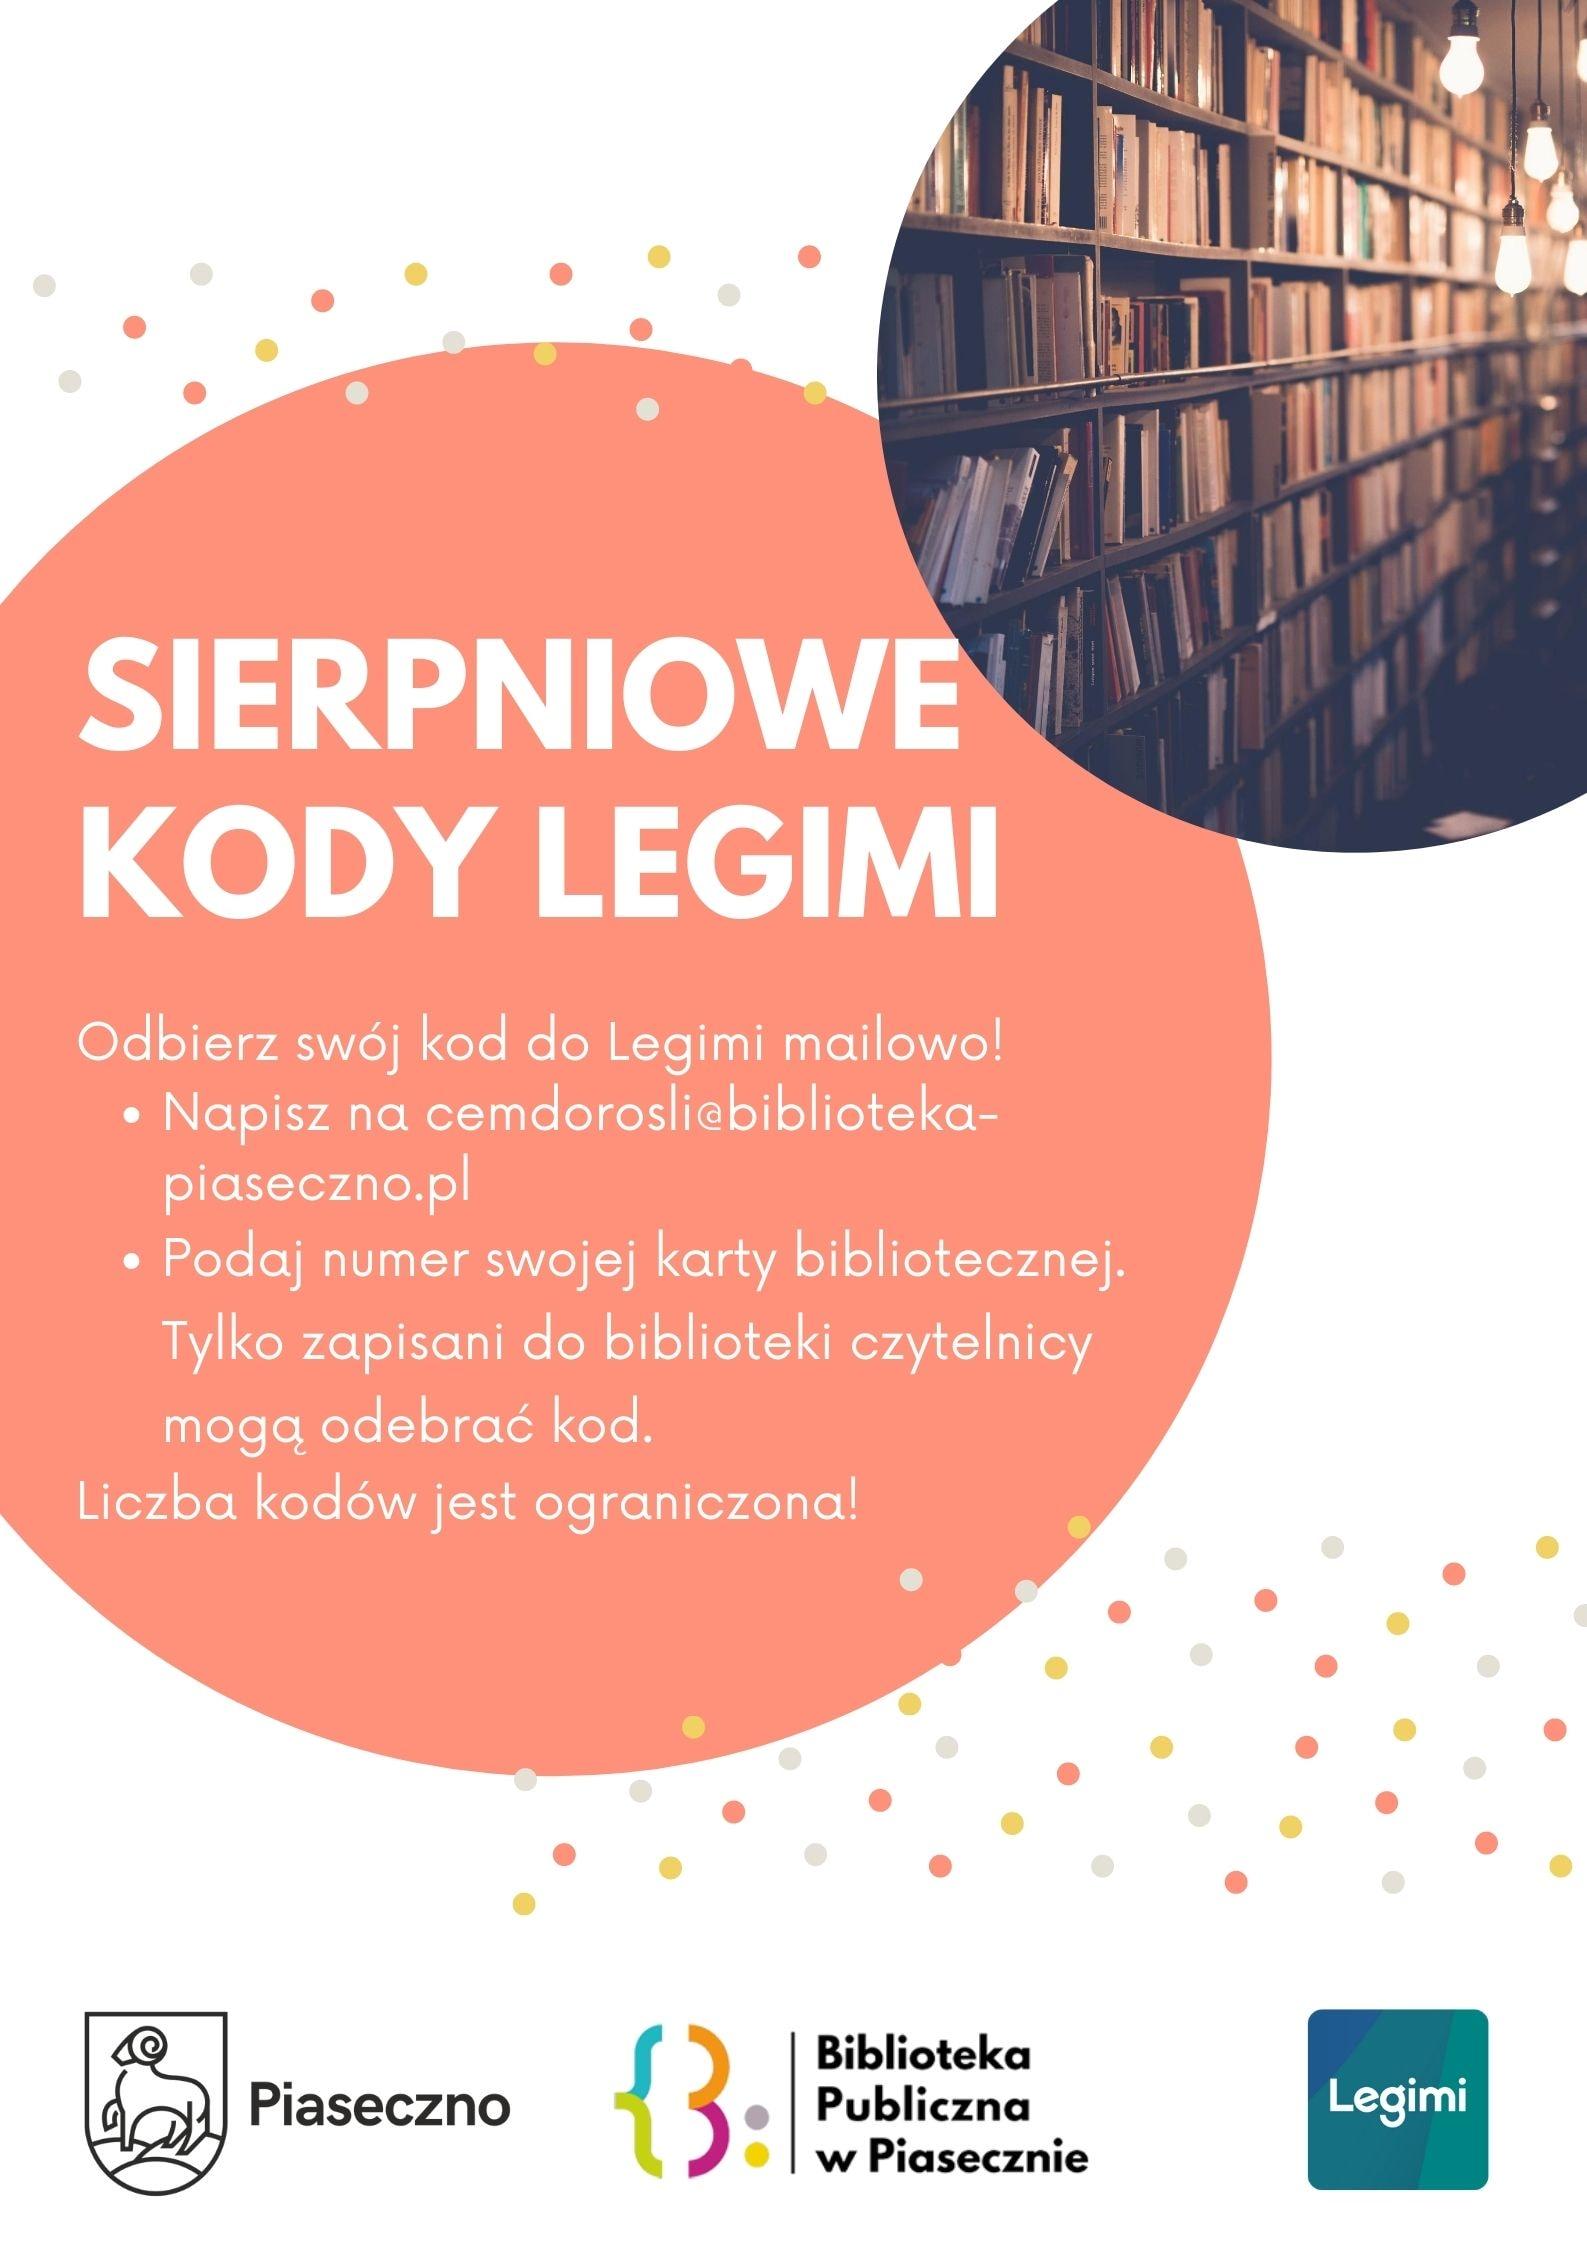 Plakat promujący czytelnictwo w aplikacji legimi